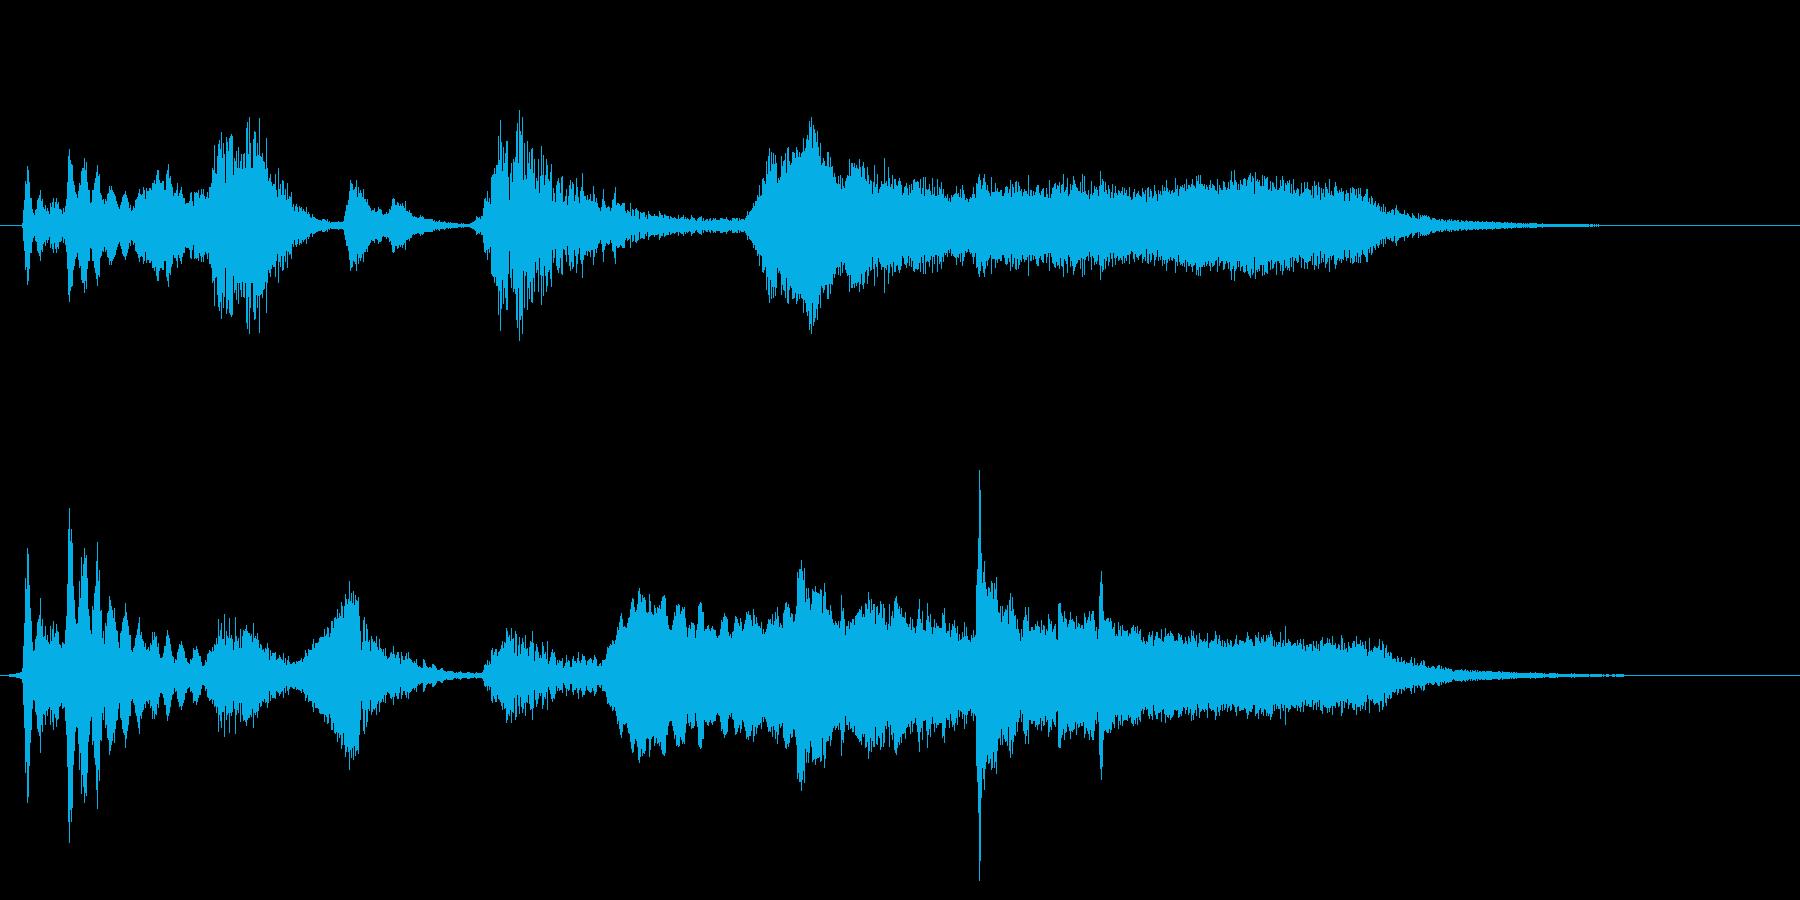 ホラー系の効果音の再生済みの波形